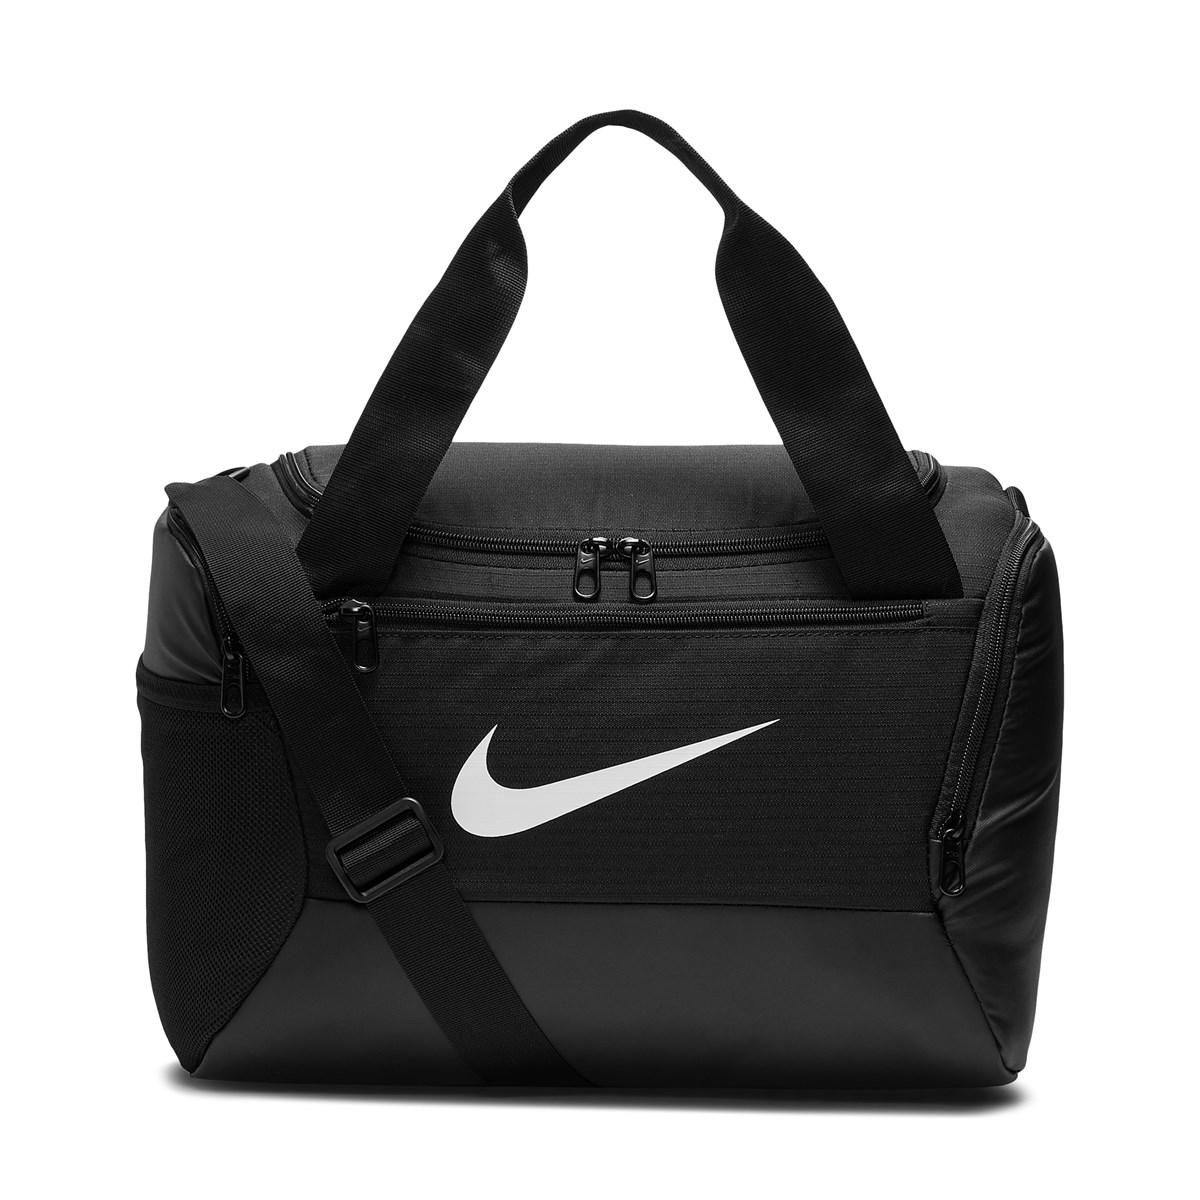 Brasilia Duffel Bag in Black